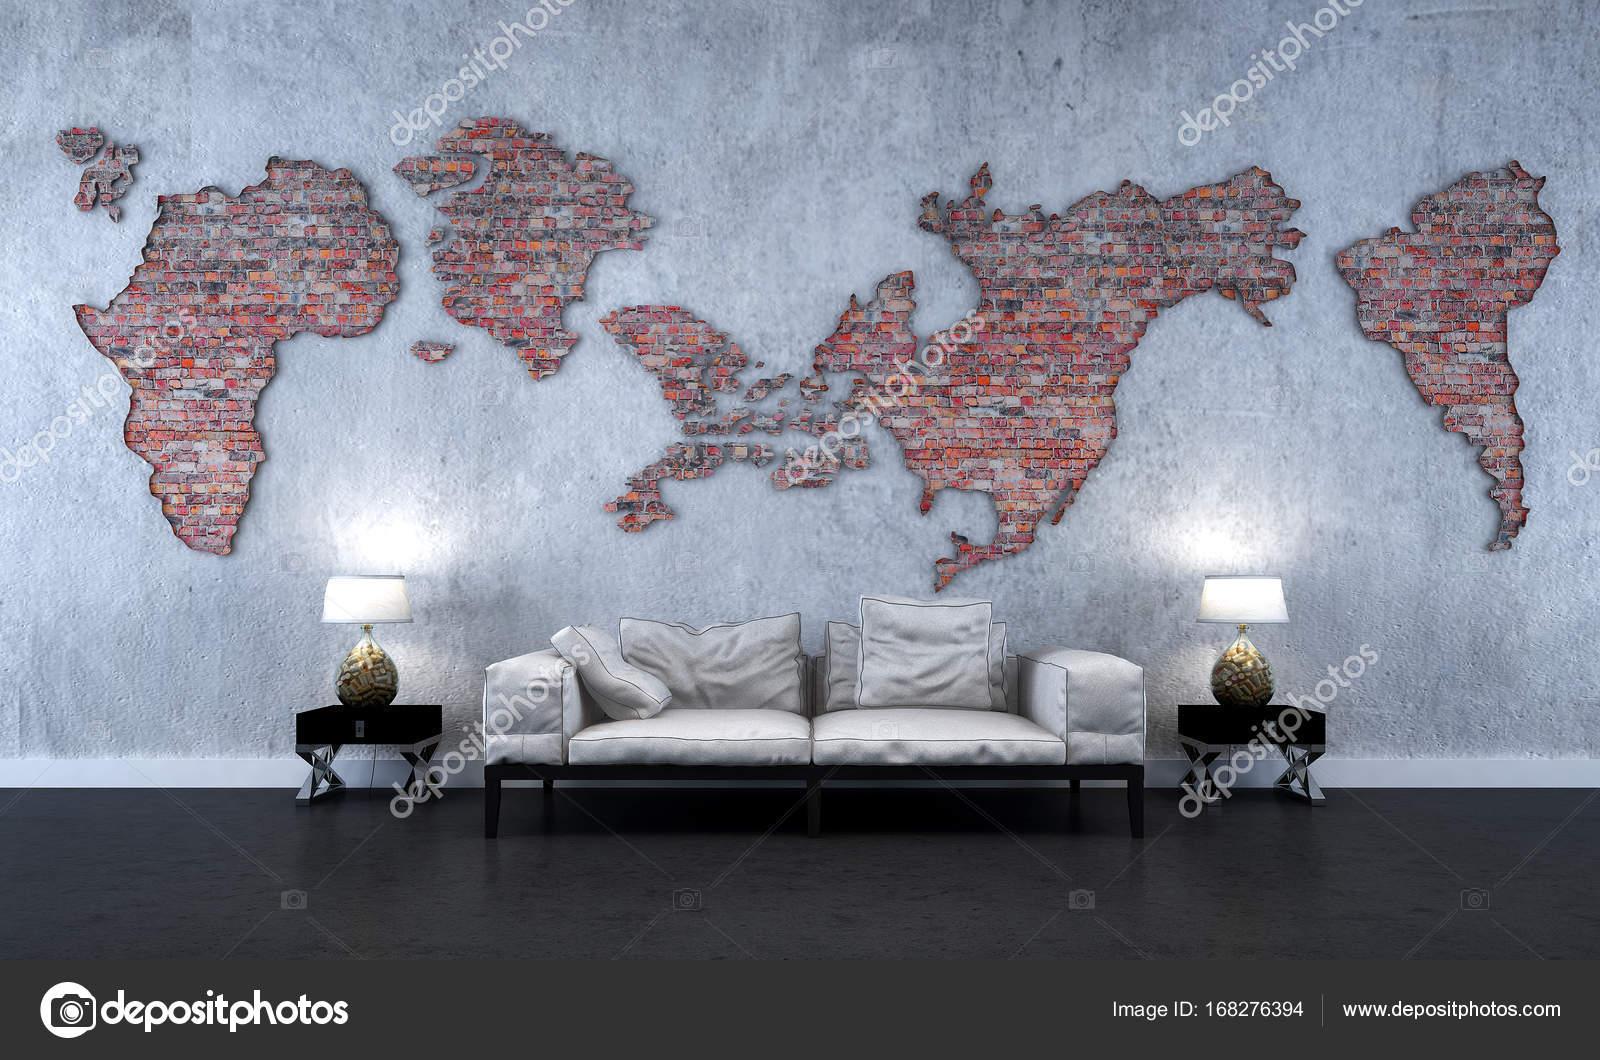 19cda02917b4 La décoration intérieure de la salle de séjour minimal et mur brique  texture et monde fond de carte– images de stock libres de droits